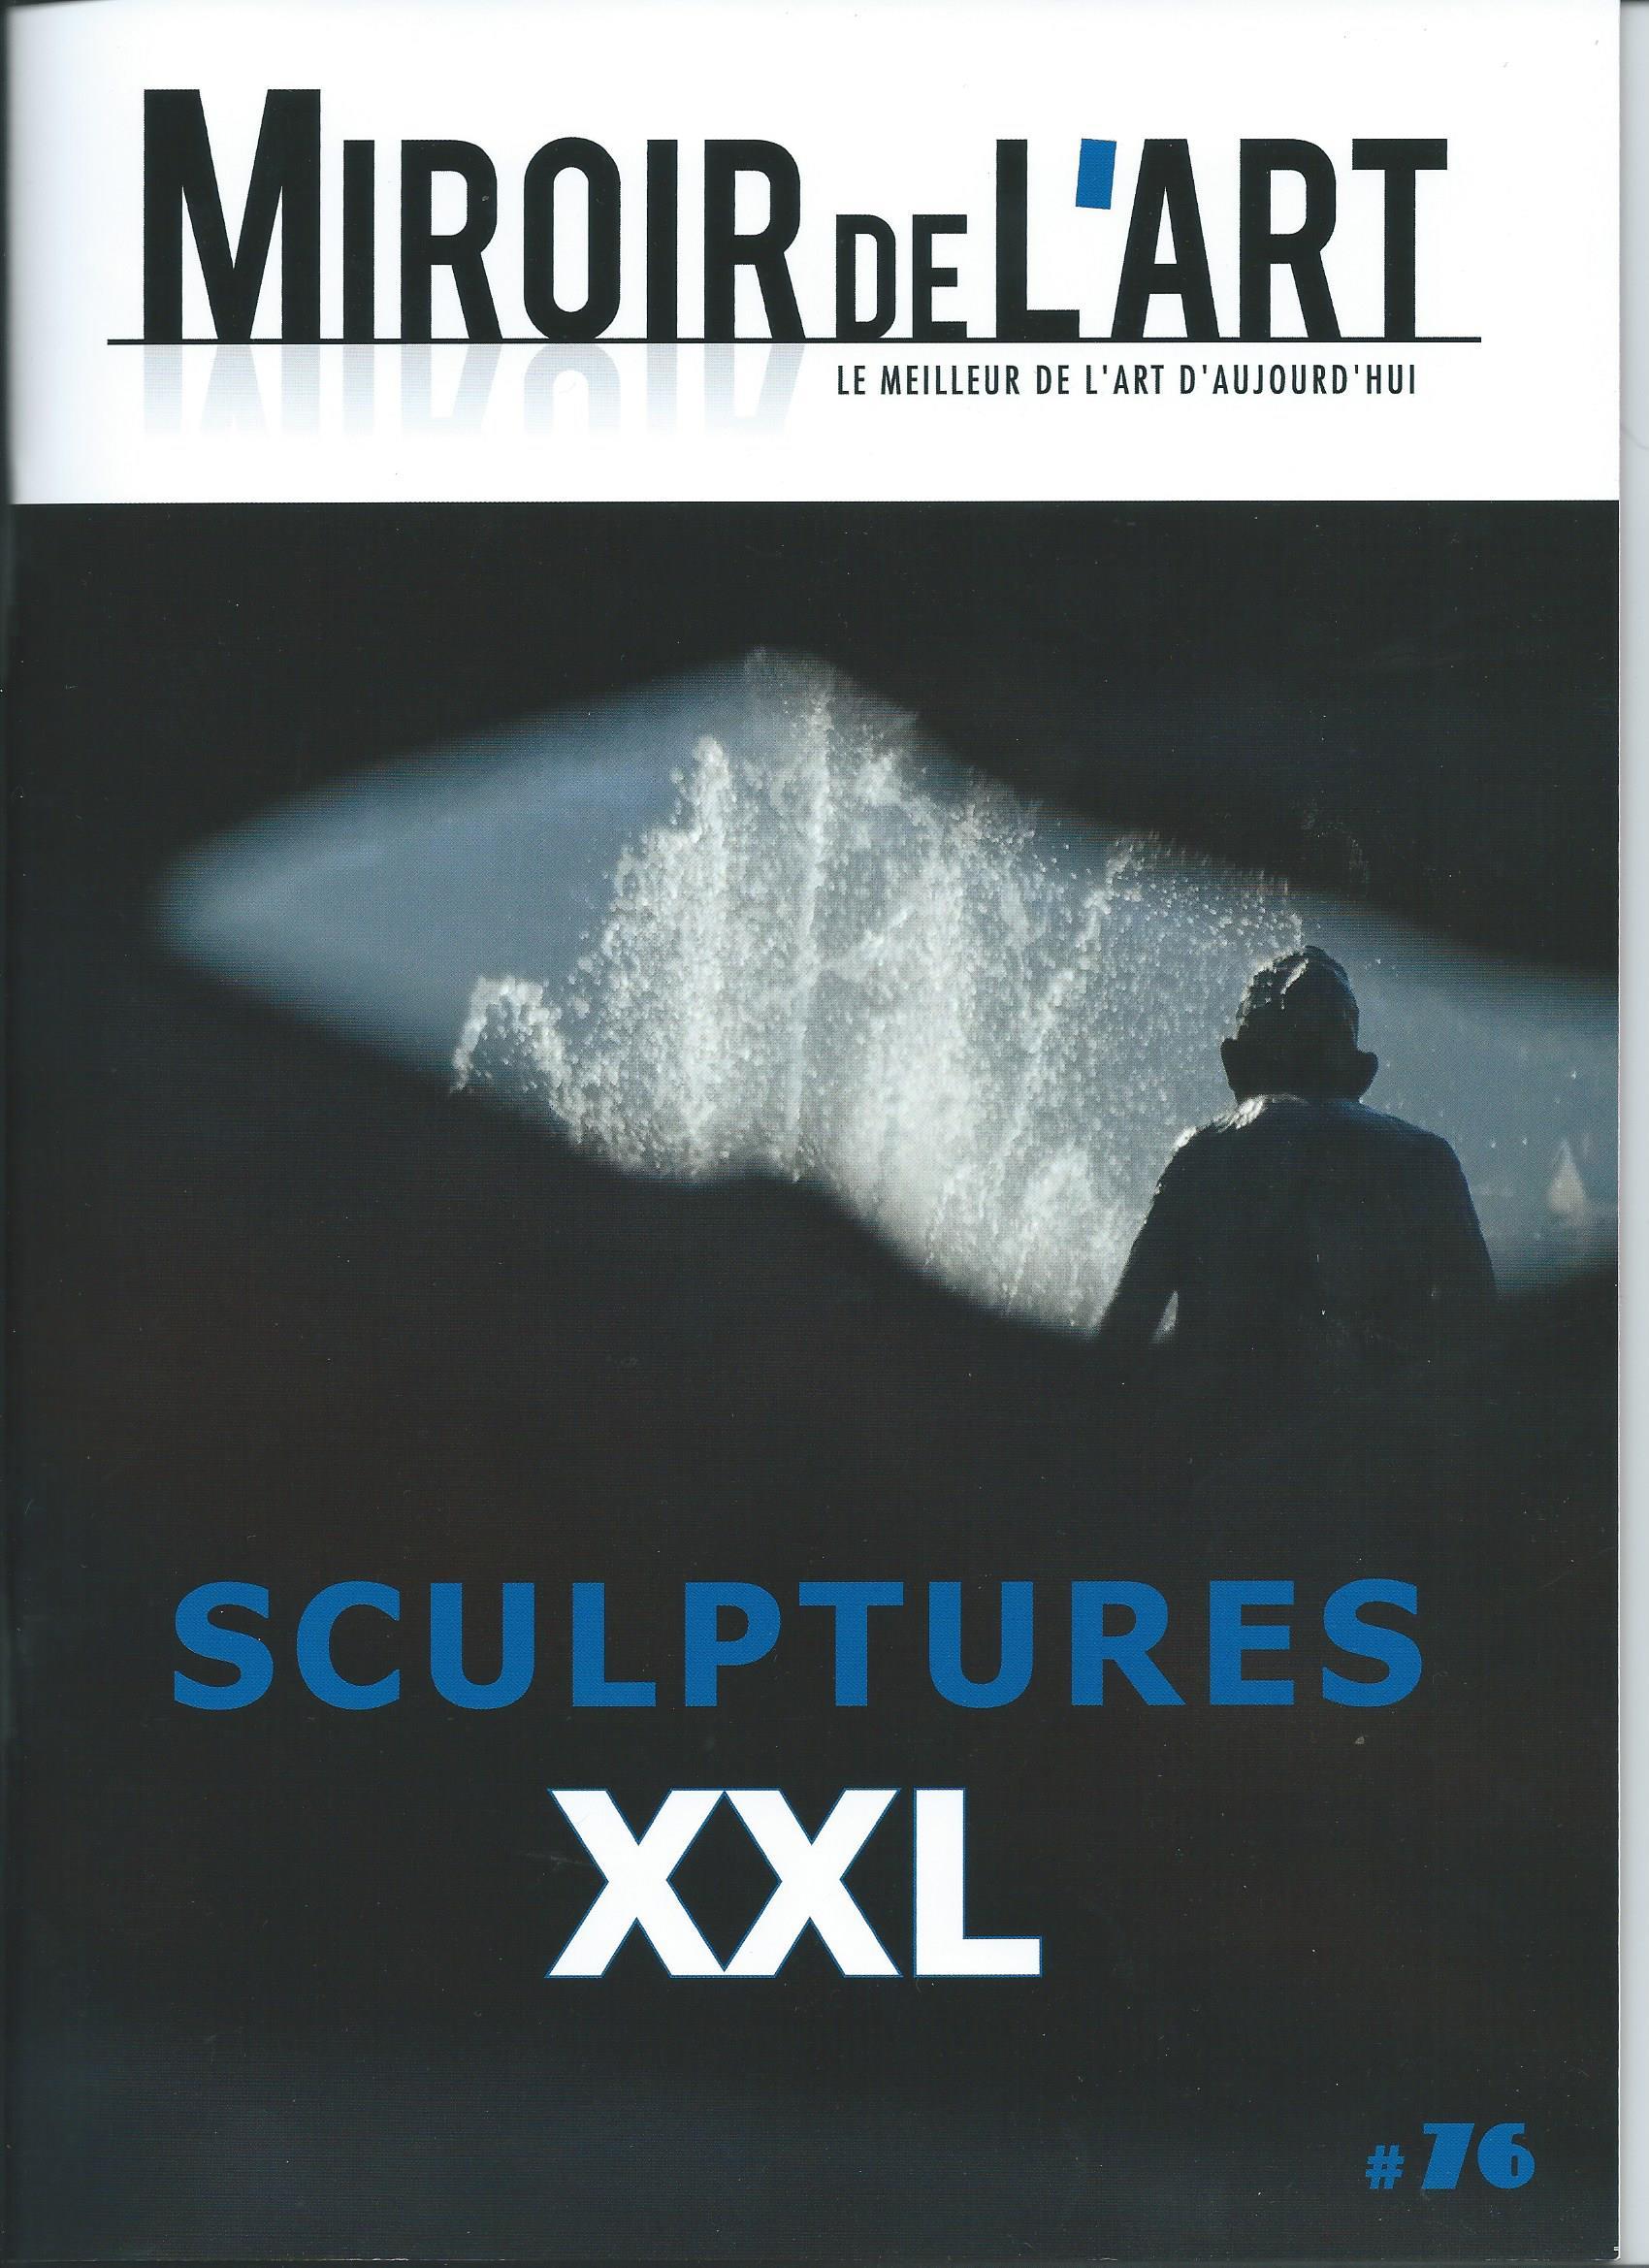 Sculptures XXL - Miroir 76 001